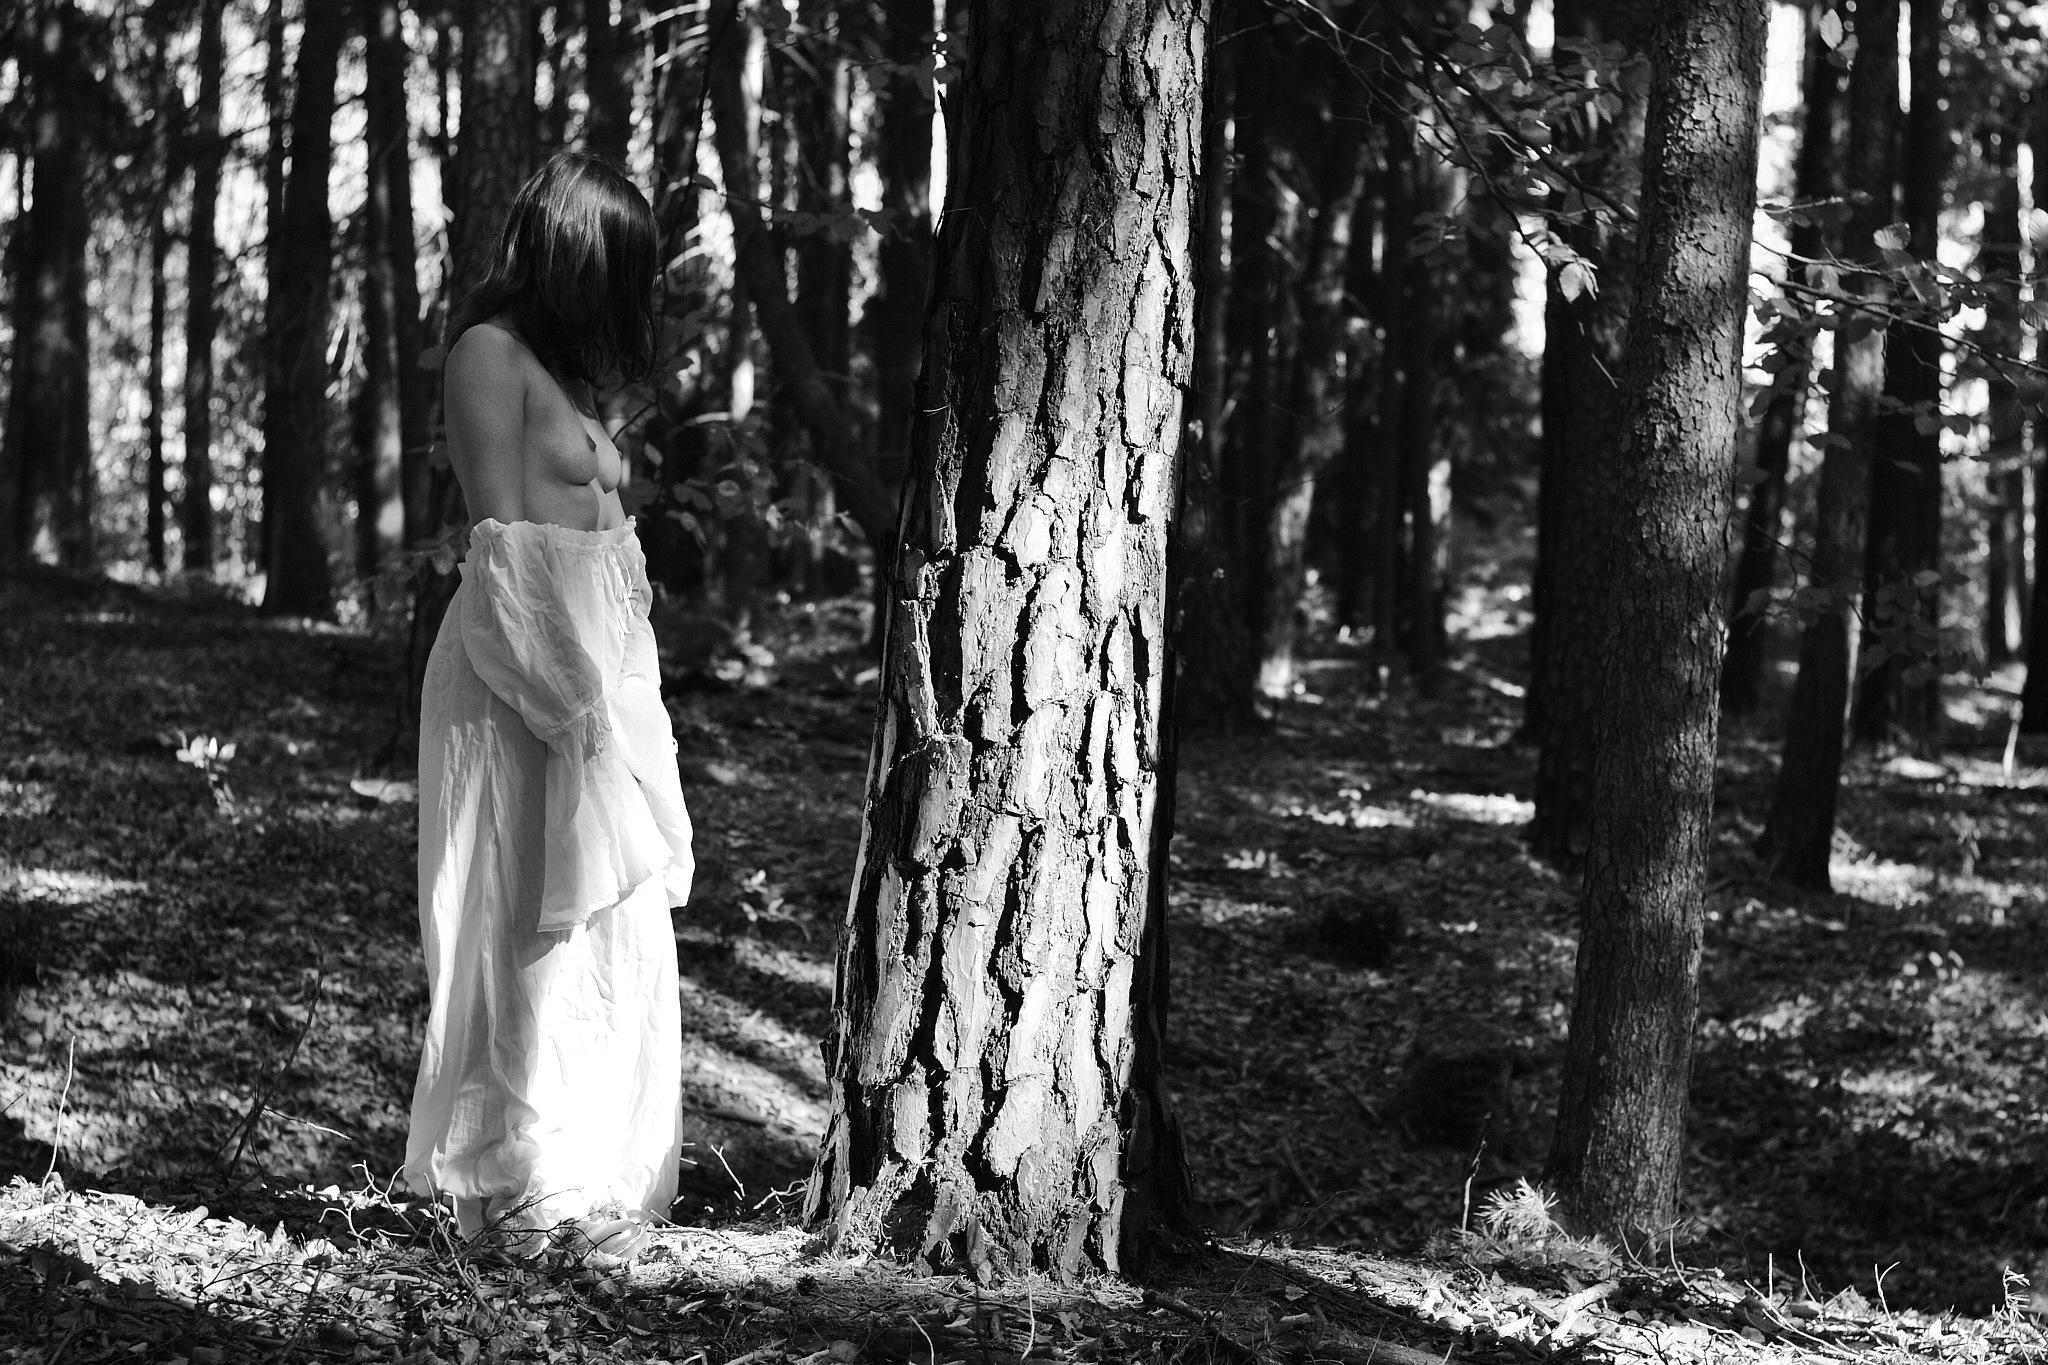 Fairy in a Bosk by Inman